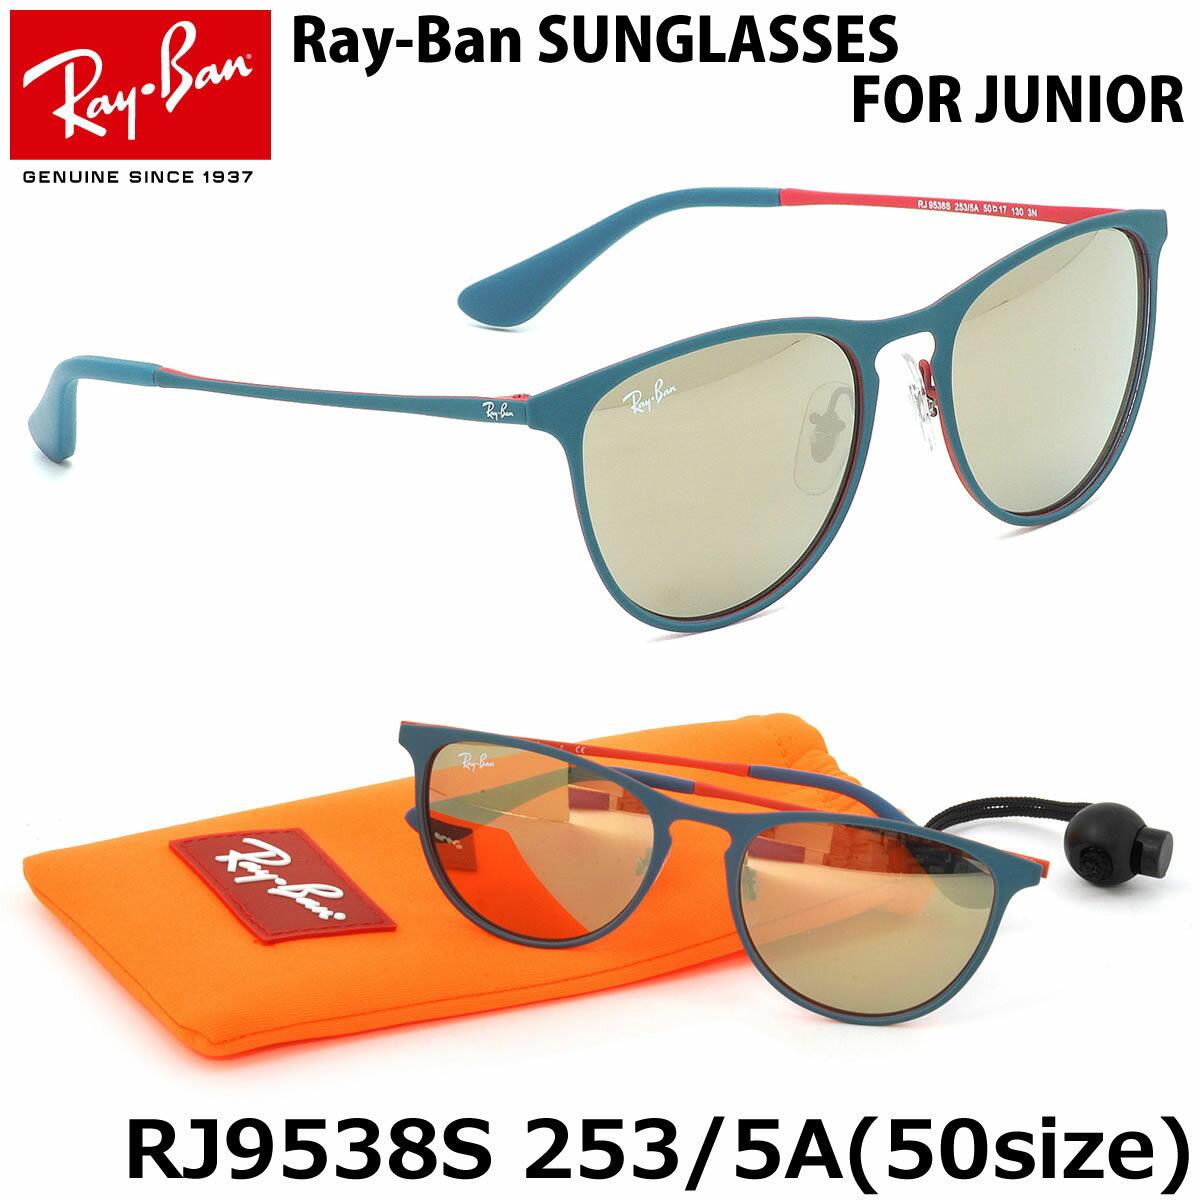 レイバン サングラス Ray-Ban RJ9538S 253/5A 50サイズ ジュニア ERIKA エリカ Junior メタル キッズ 子供用 パイロット レイバン RAYBAN 子供用 キッズ用